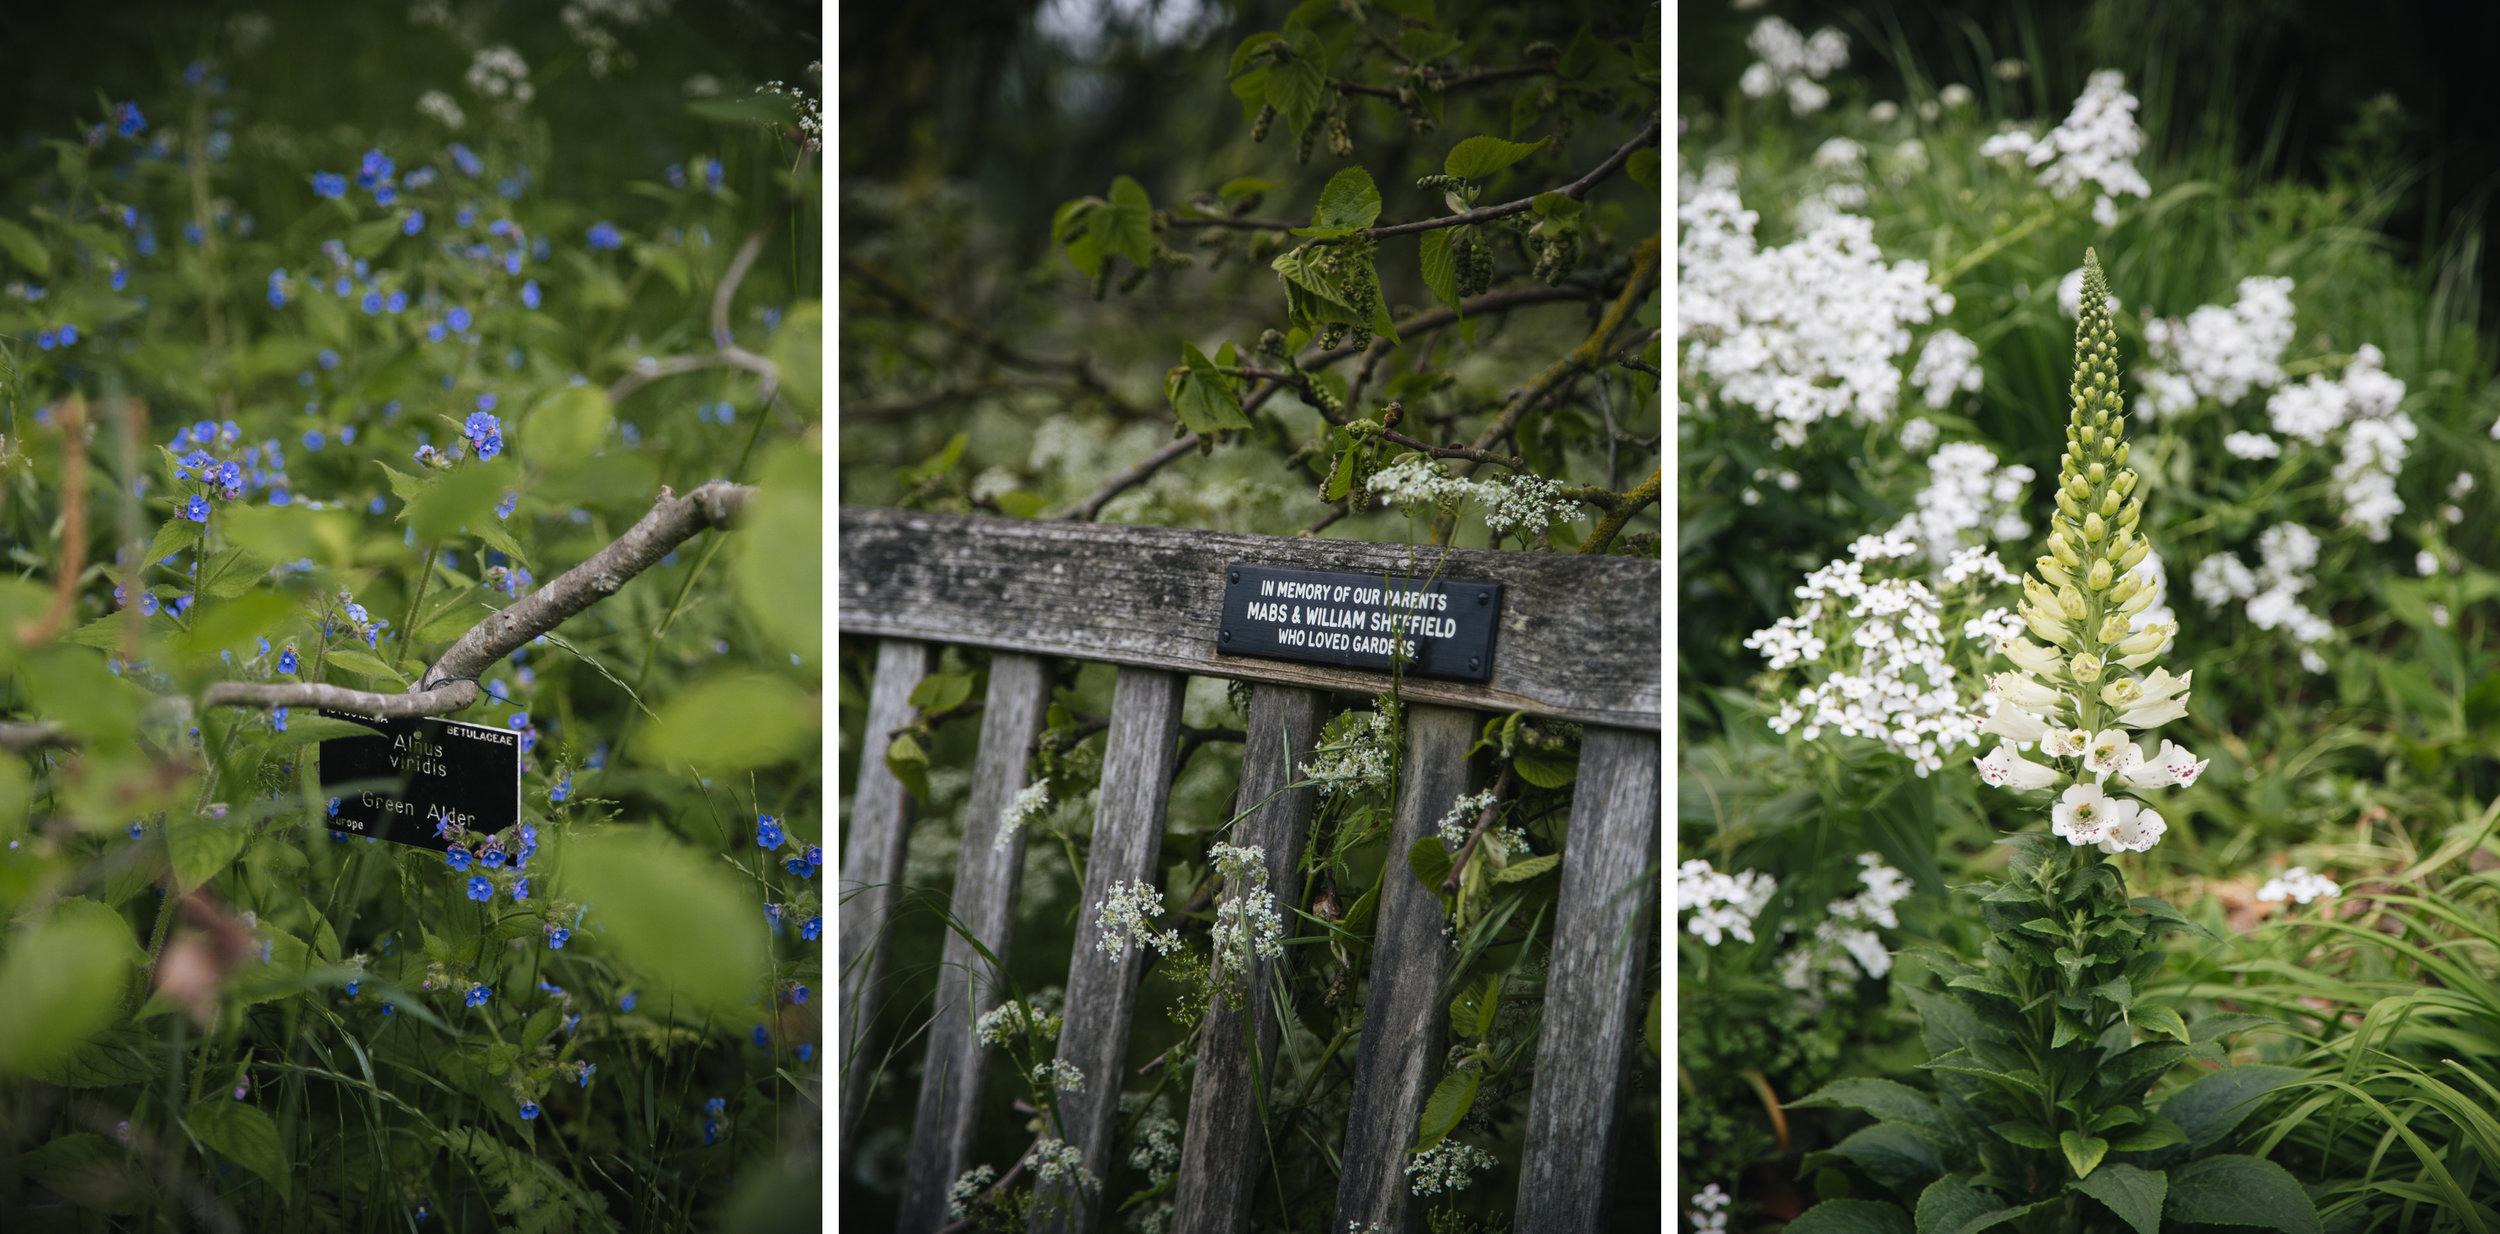 jardin-botanique-cambridge-universite.jpg